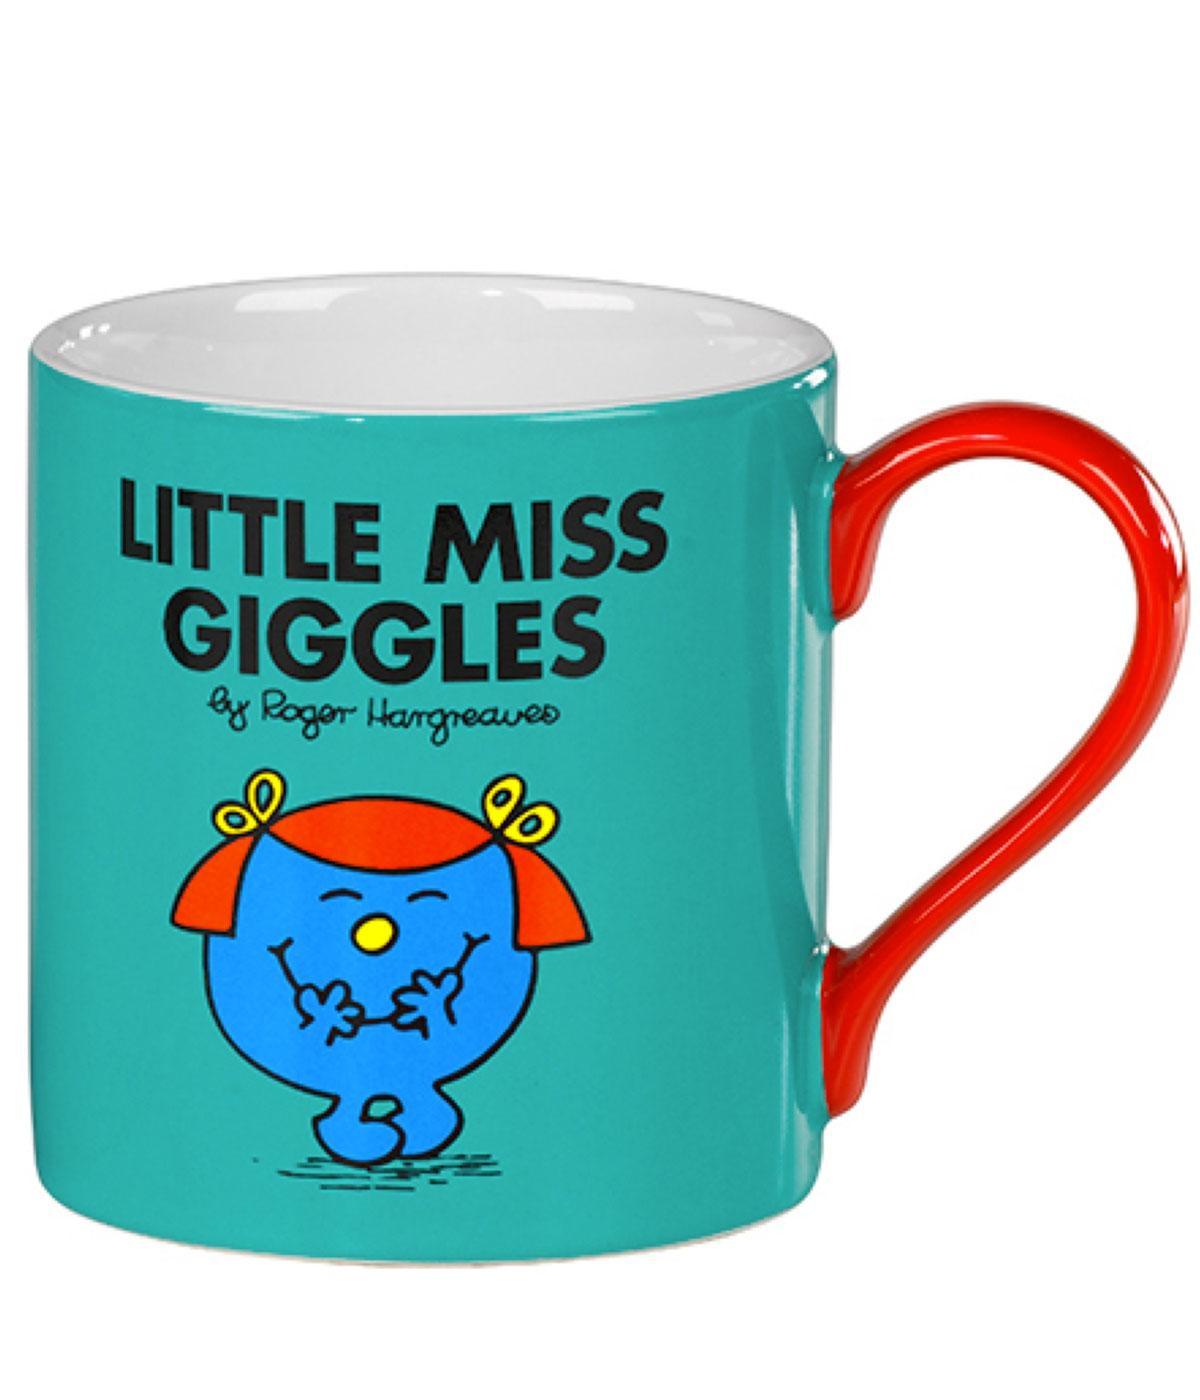 Little Miss Giggles - 70s Mr Men & Little Miss Mug